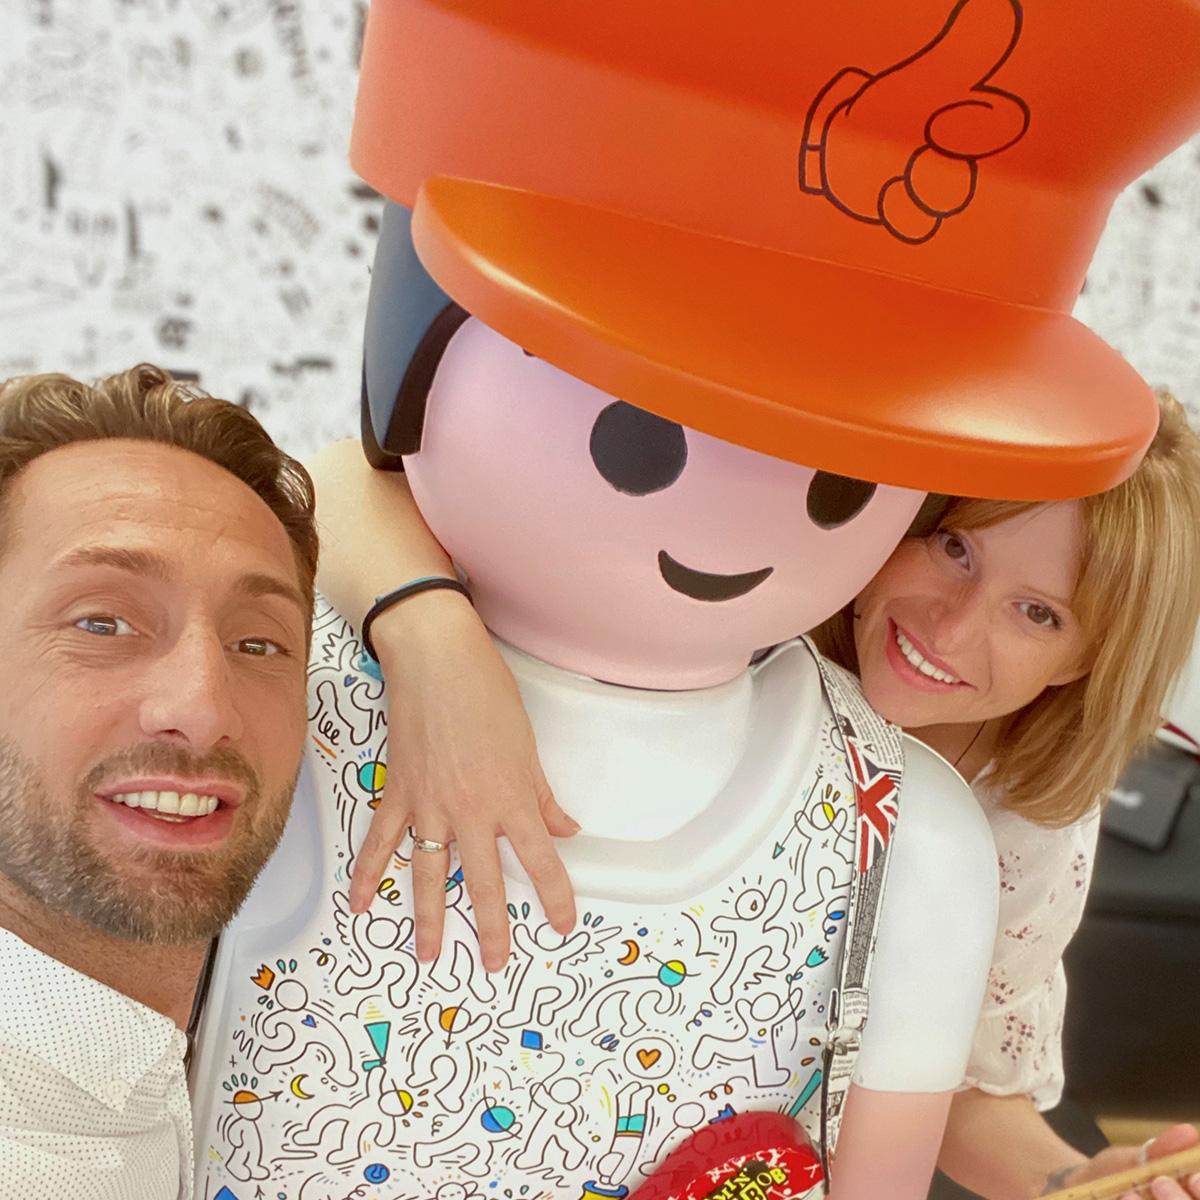 un homme et une femme souriants autour d'un Playmobil géant